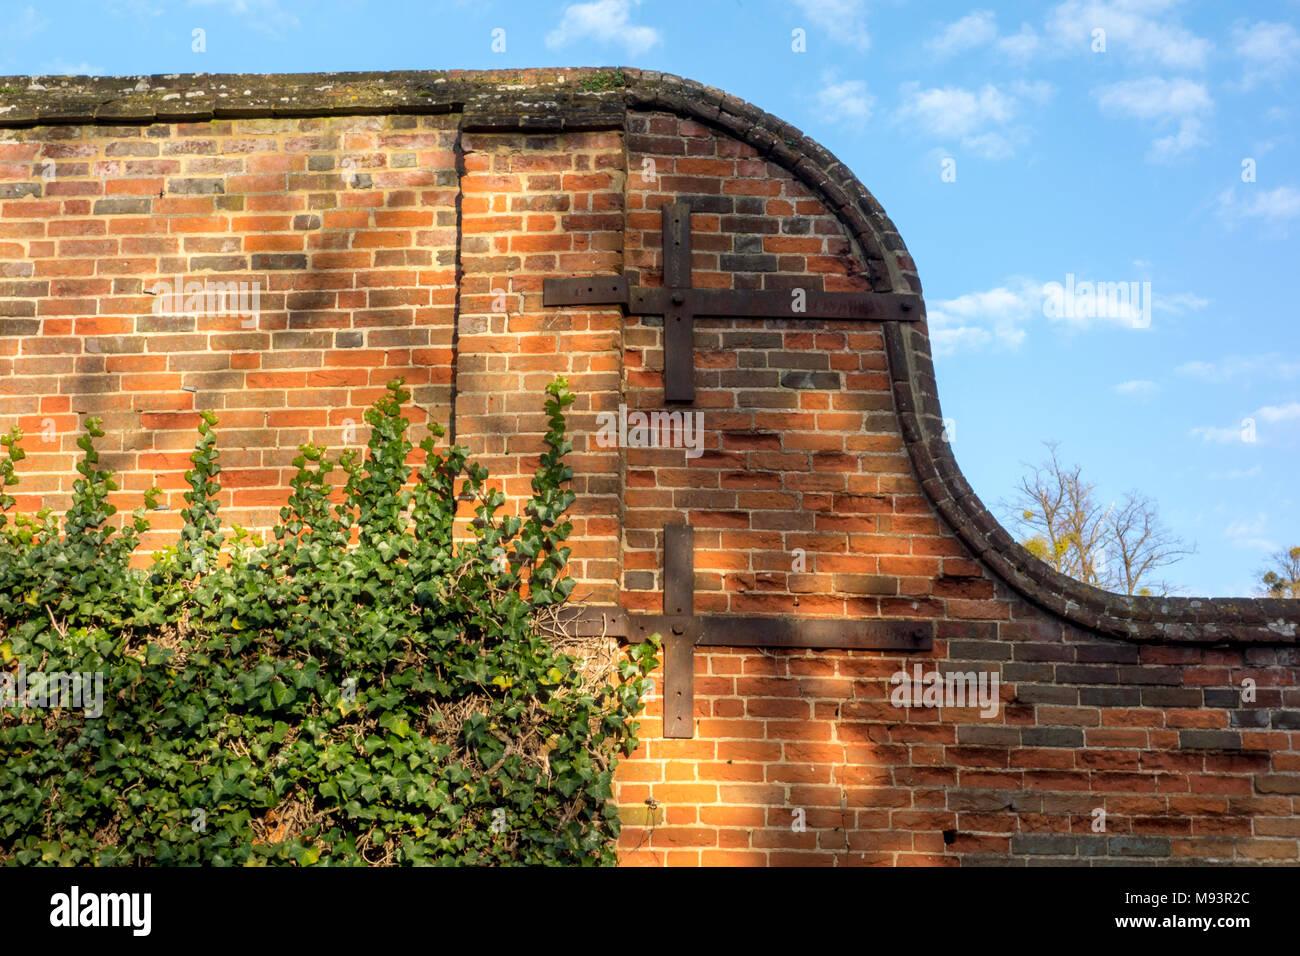 Vieux mur de briques avec supports métalliques de maintien Photo Stock